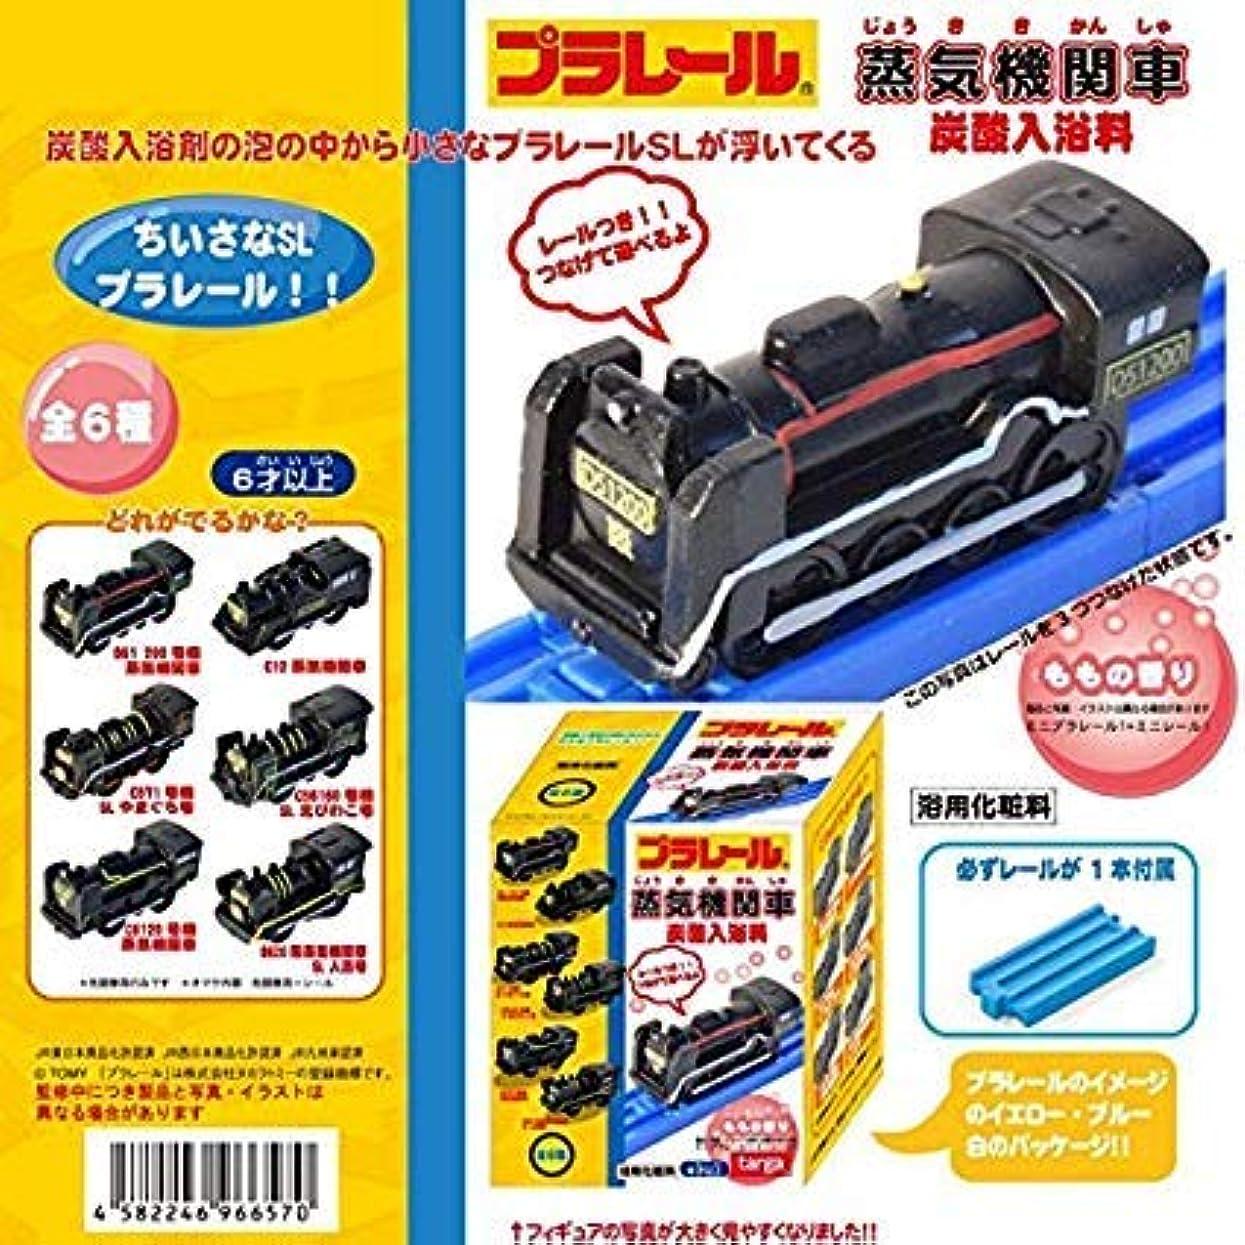 地震導体ブートプラレール 蒸気機関車 炭酸入浴剤 【6個セット】 ももの香り レールつき機関車